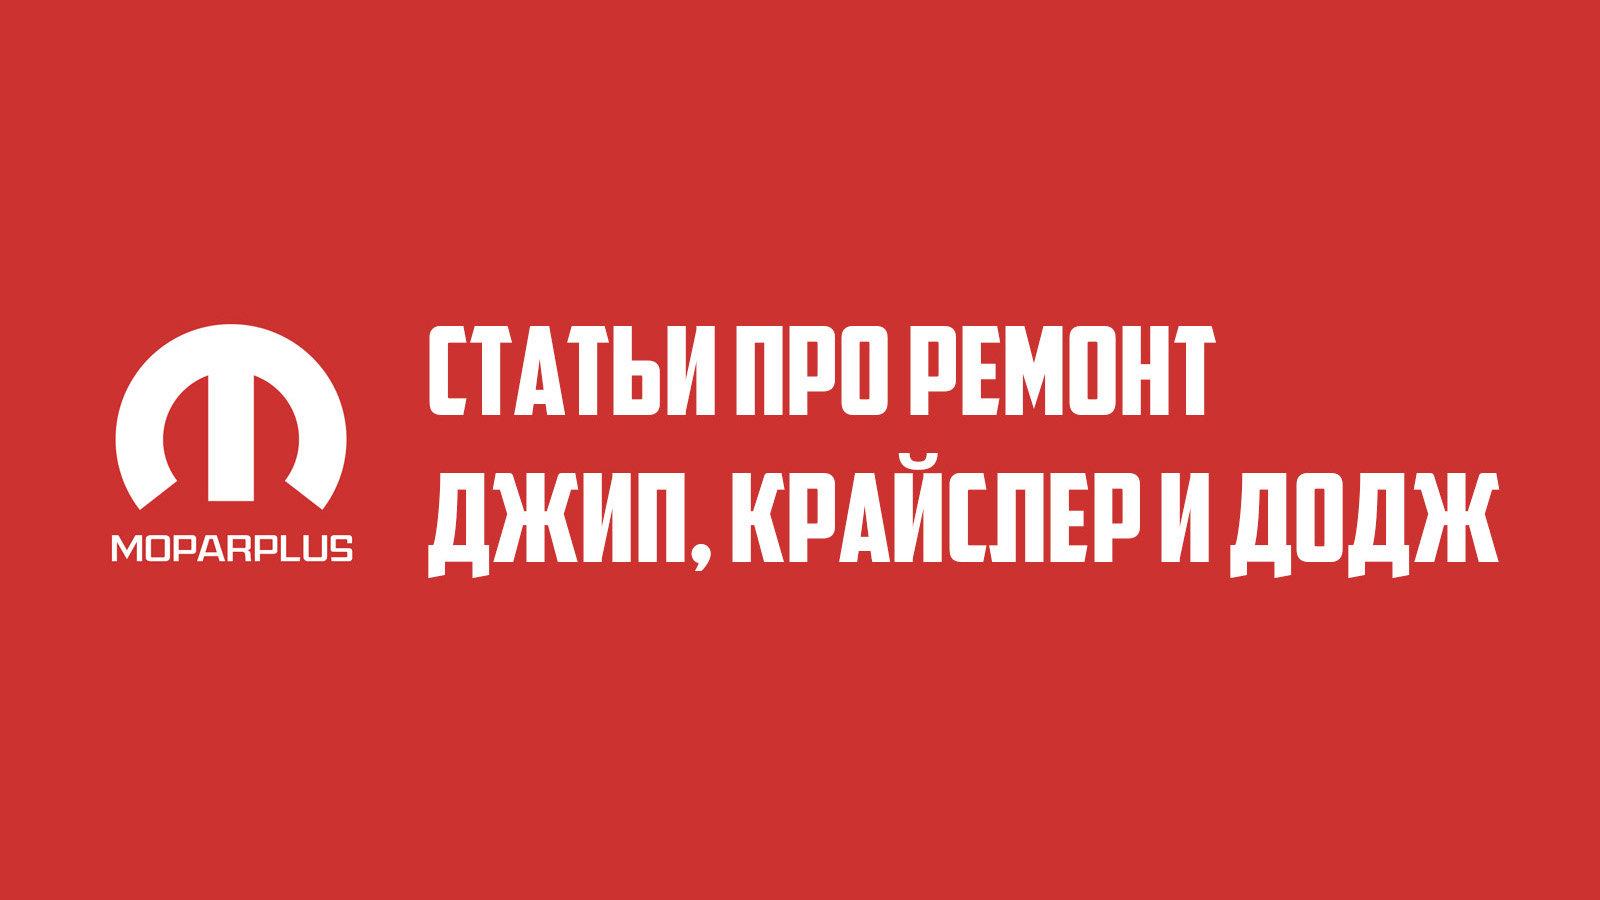 Статьи про ремонт. Выпуск №30.